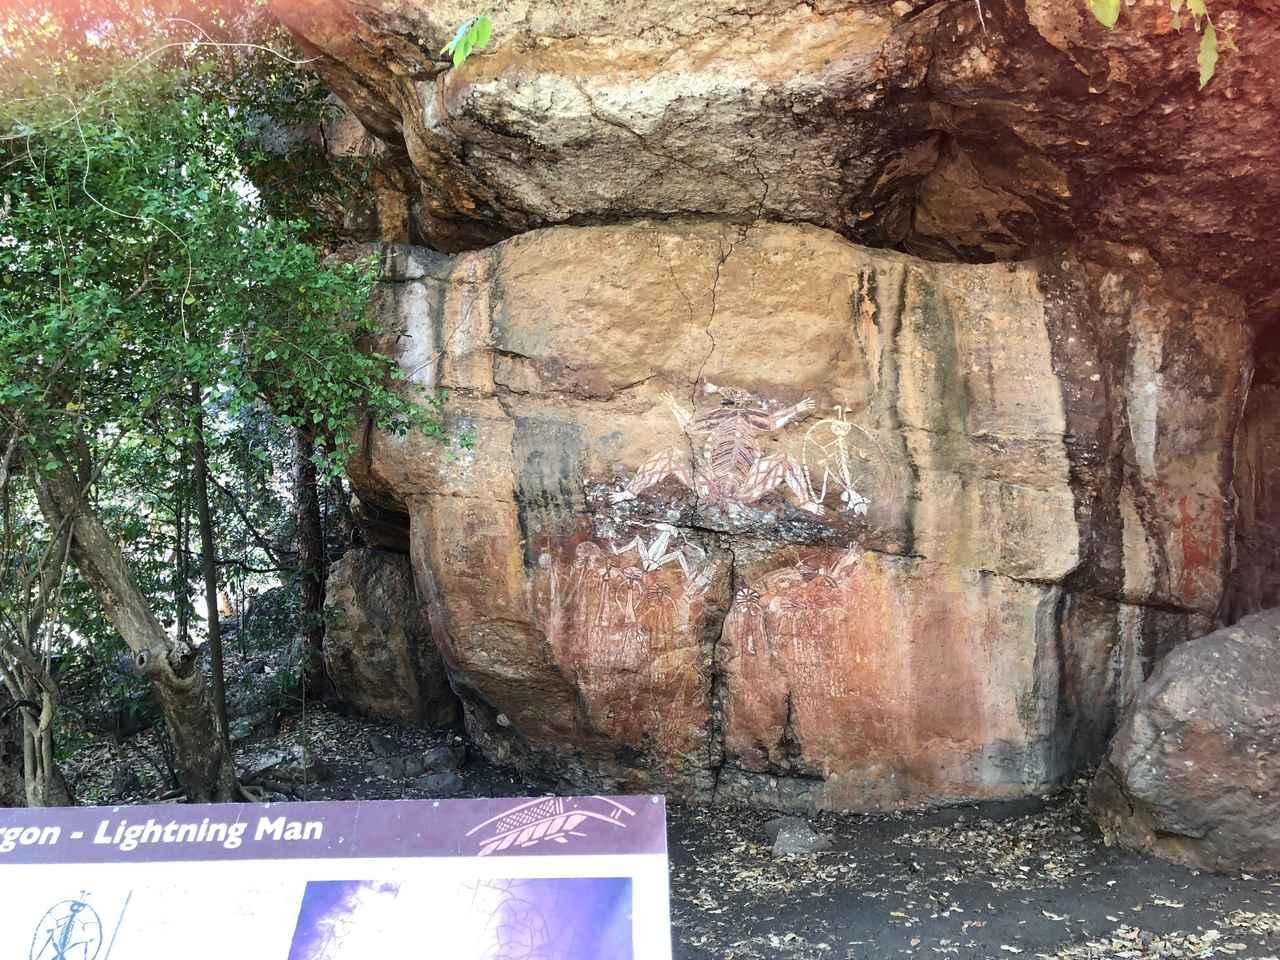 画像: ノーランジーロック壁画 ナマルゴン伝説